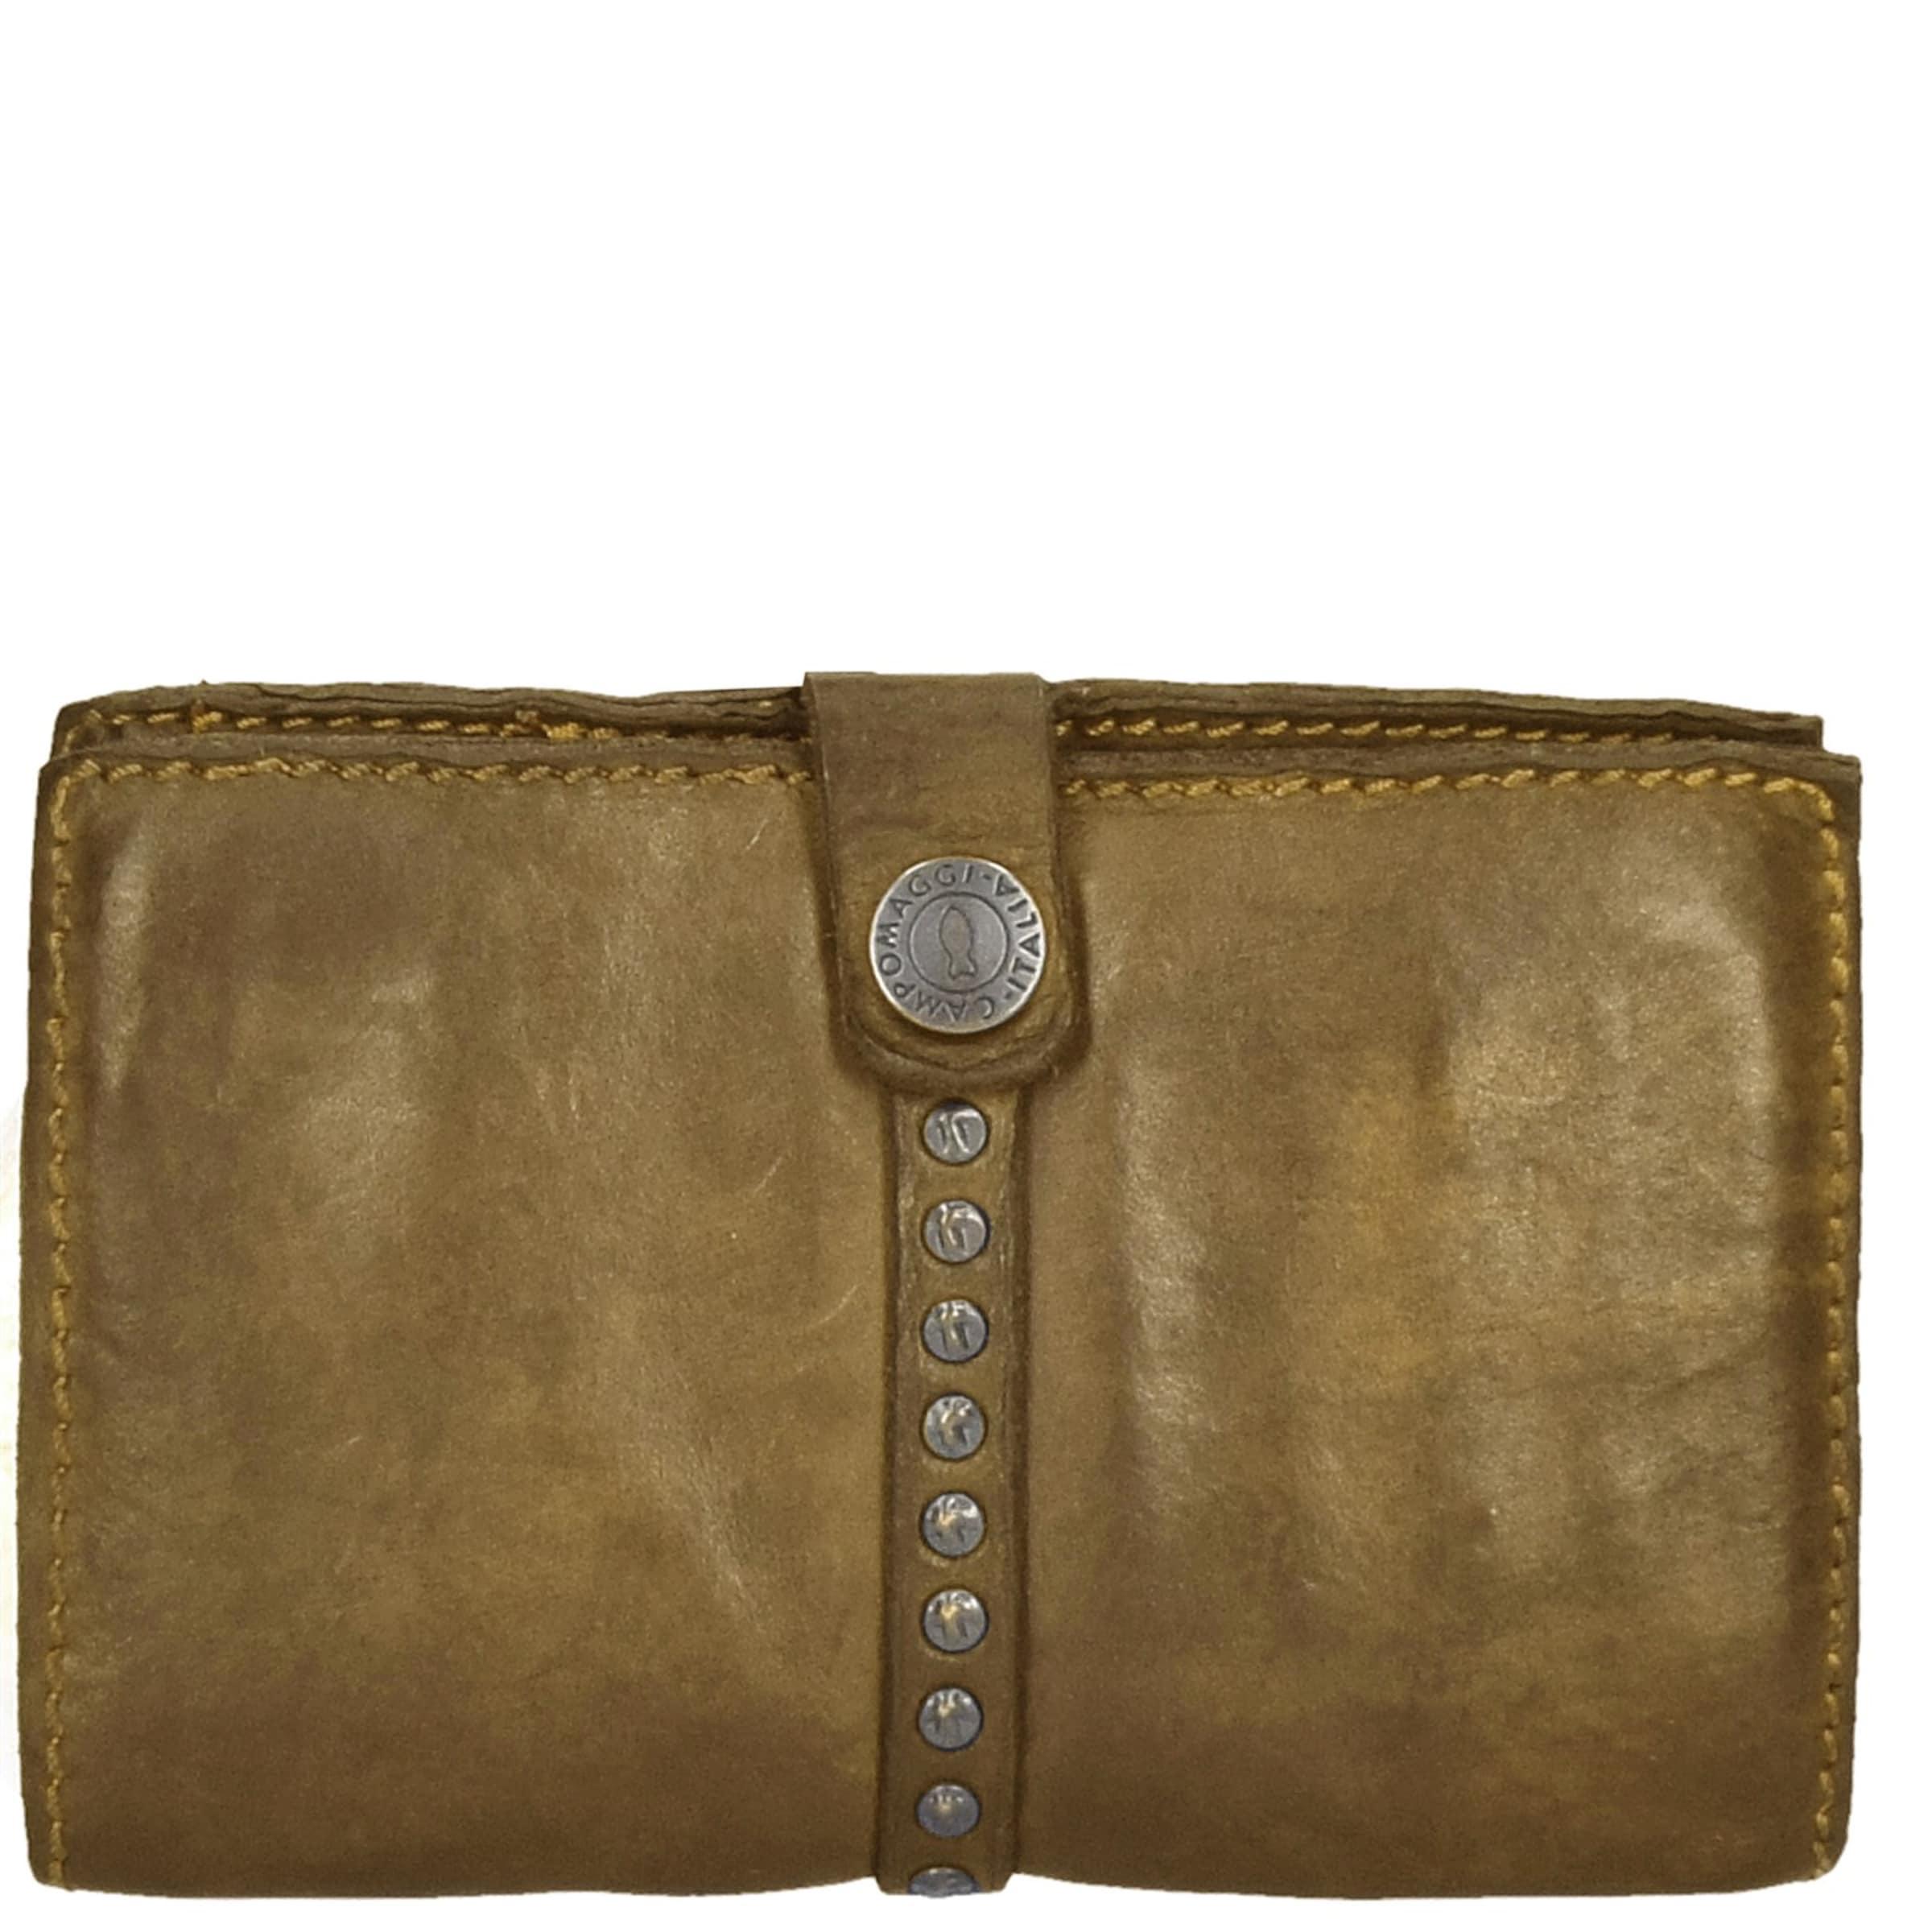 Günstig Online Kaufen Verkauf Original Campomaggi Azalea Geldbörse Leder 15 cm Freie Versandrabatte Verschleißfestigkeit efBEm